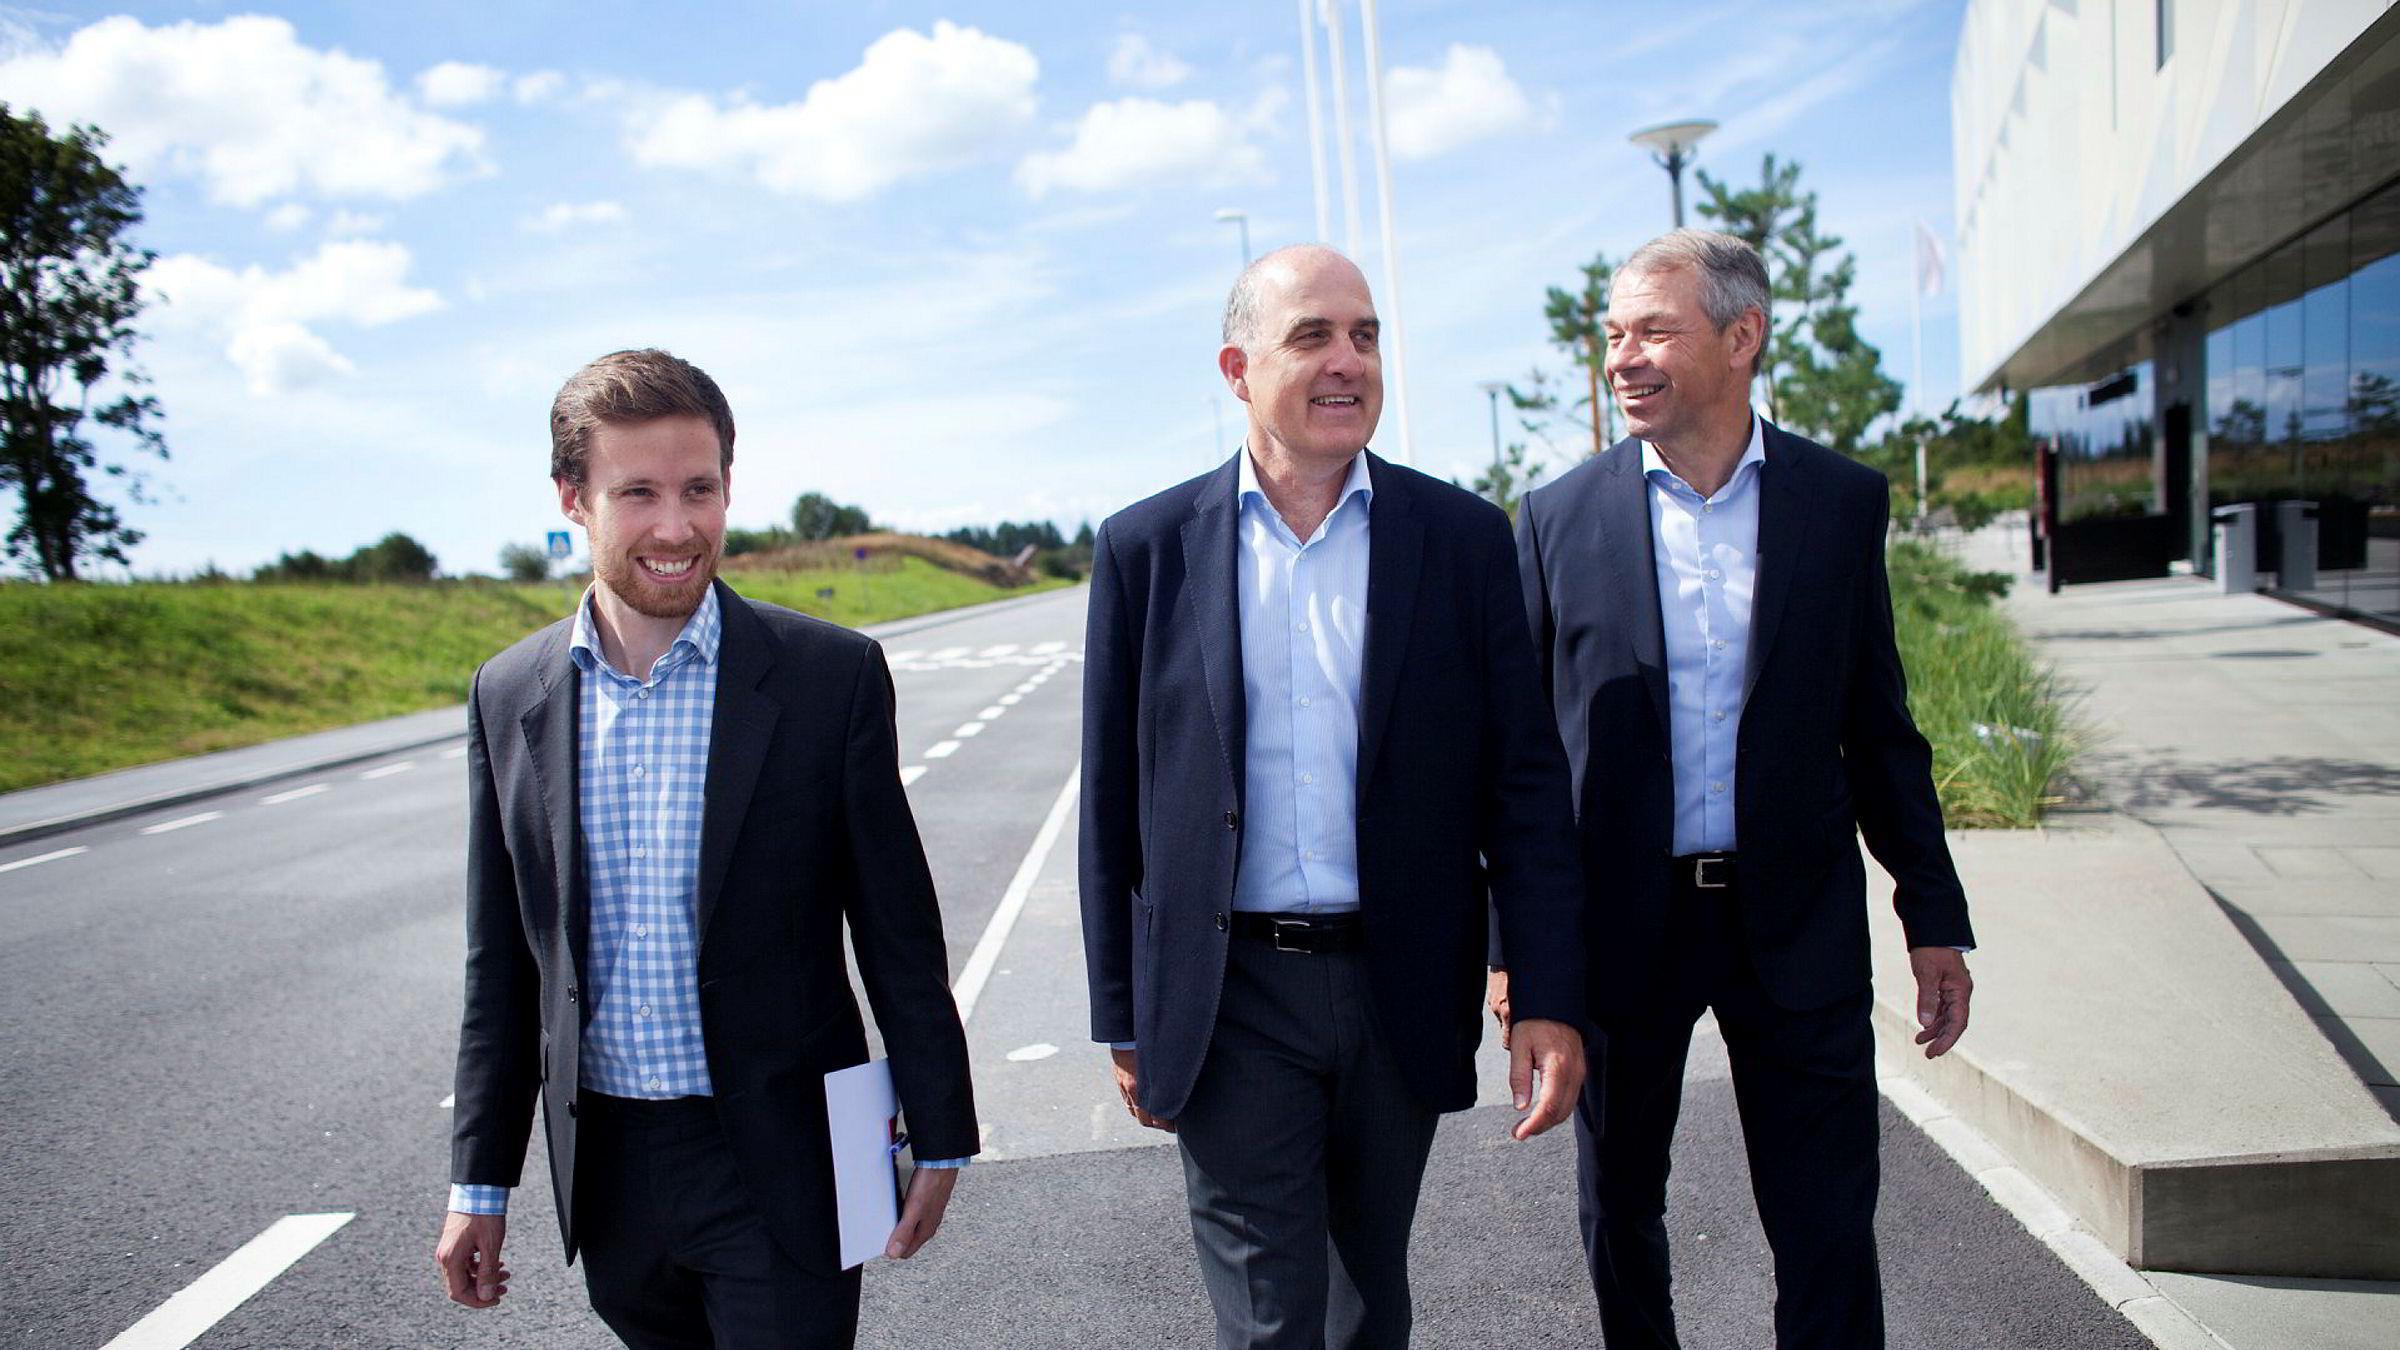 Corporate-sjef Eivind Egeland Olsen, bedriftsmarkedssjef Tore Medhus og banksjef Arne Austreid triumferer over oljeregionens tilbakekomst tross skepsis i hovedstaden.